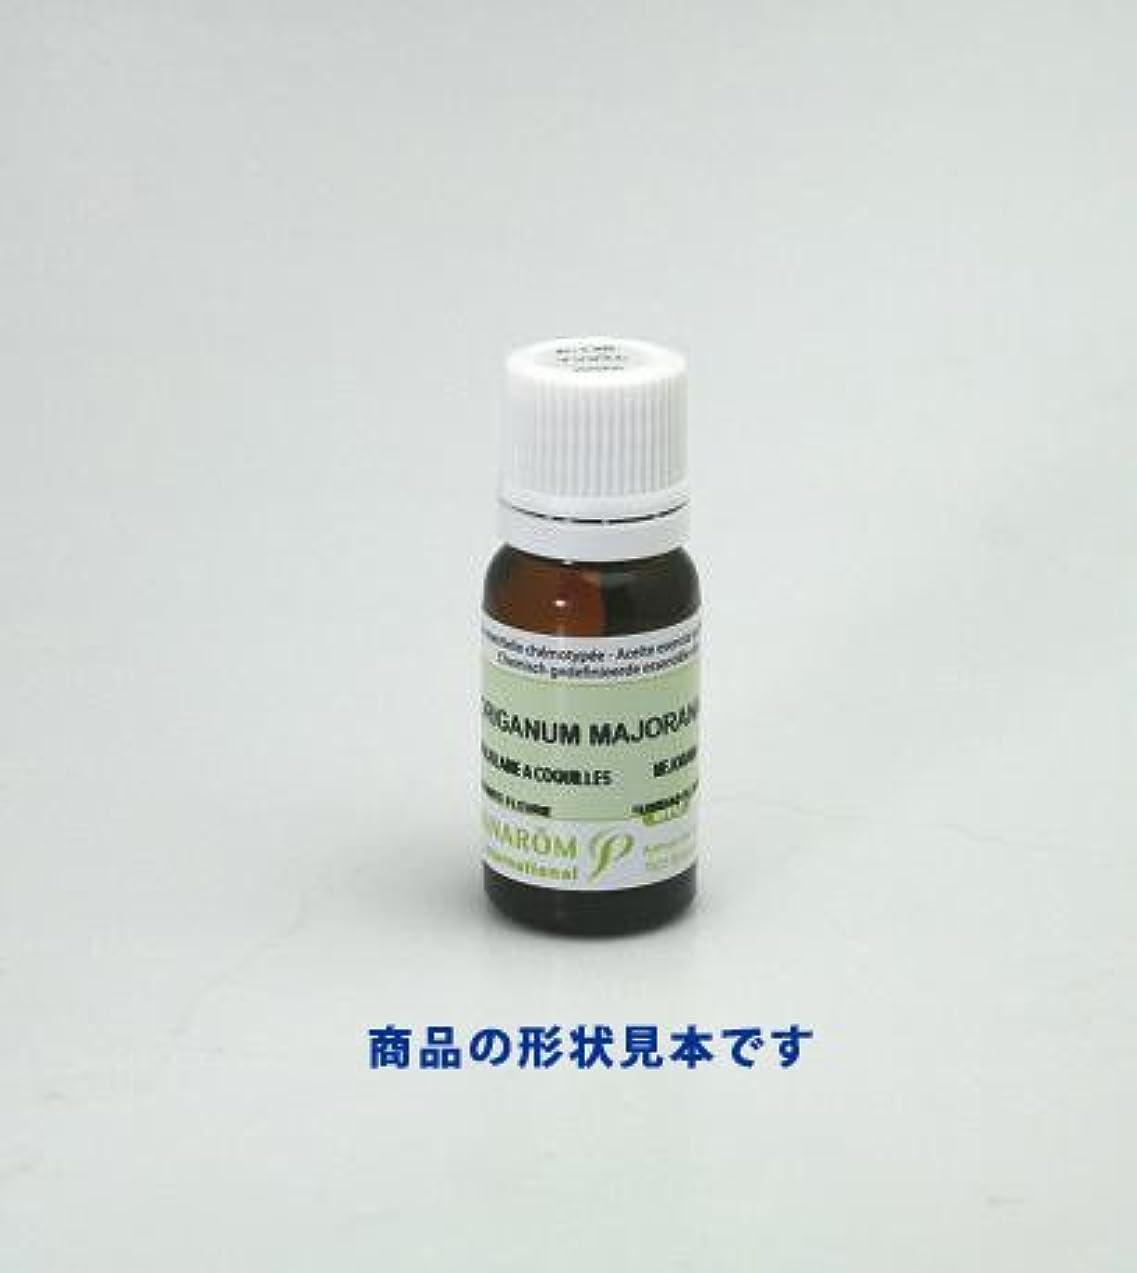 遺伝的来て織るプラナロム社製精油:P-146 ブラックスプールス